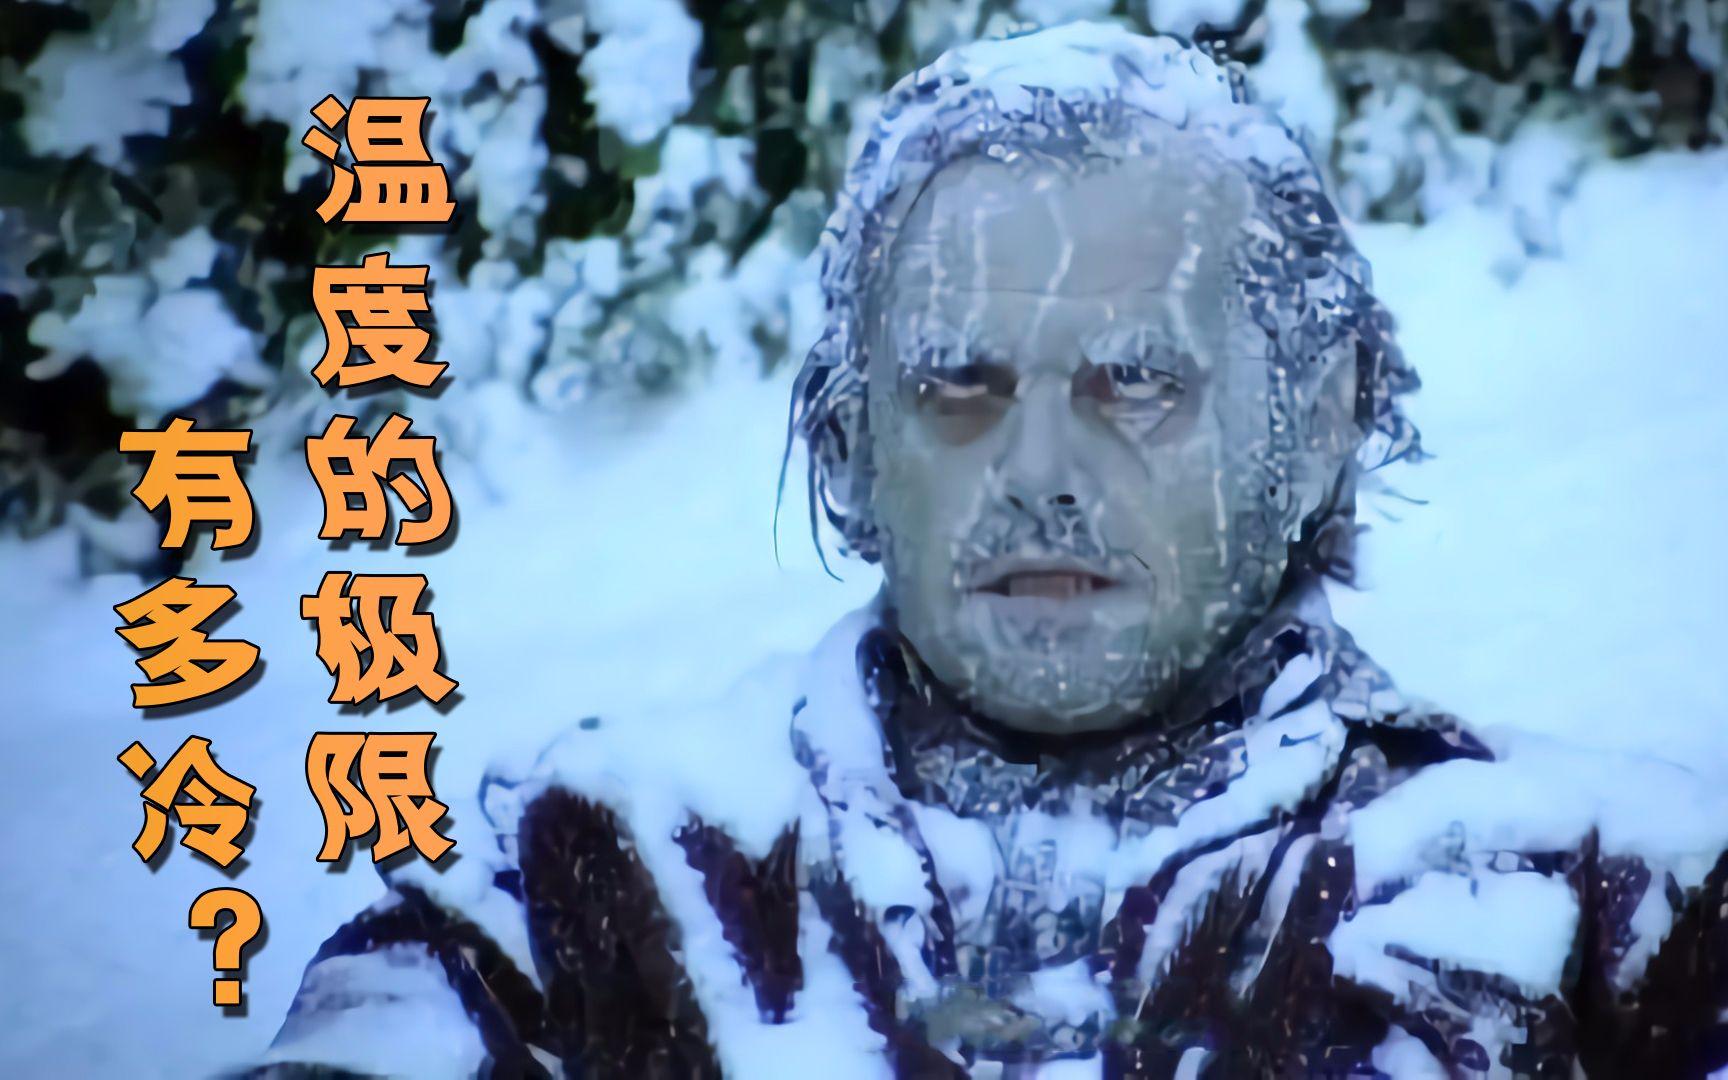 【天才定律】宇宙/世界最低温度能达到多少度? 结果有点意外!